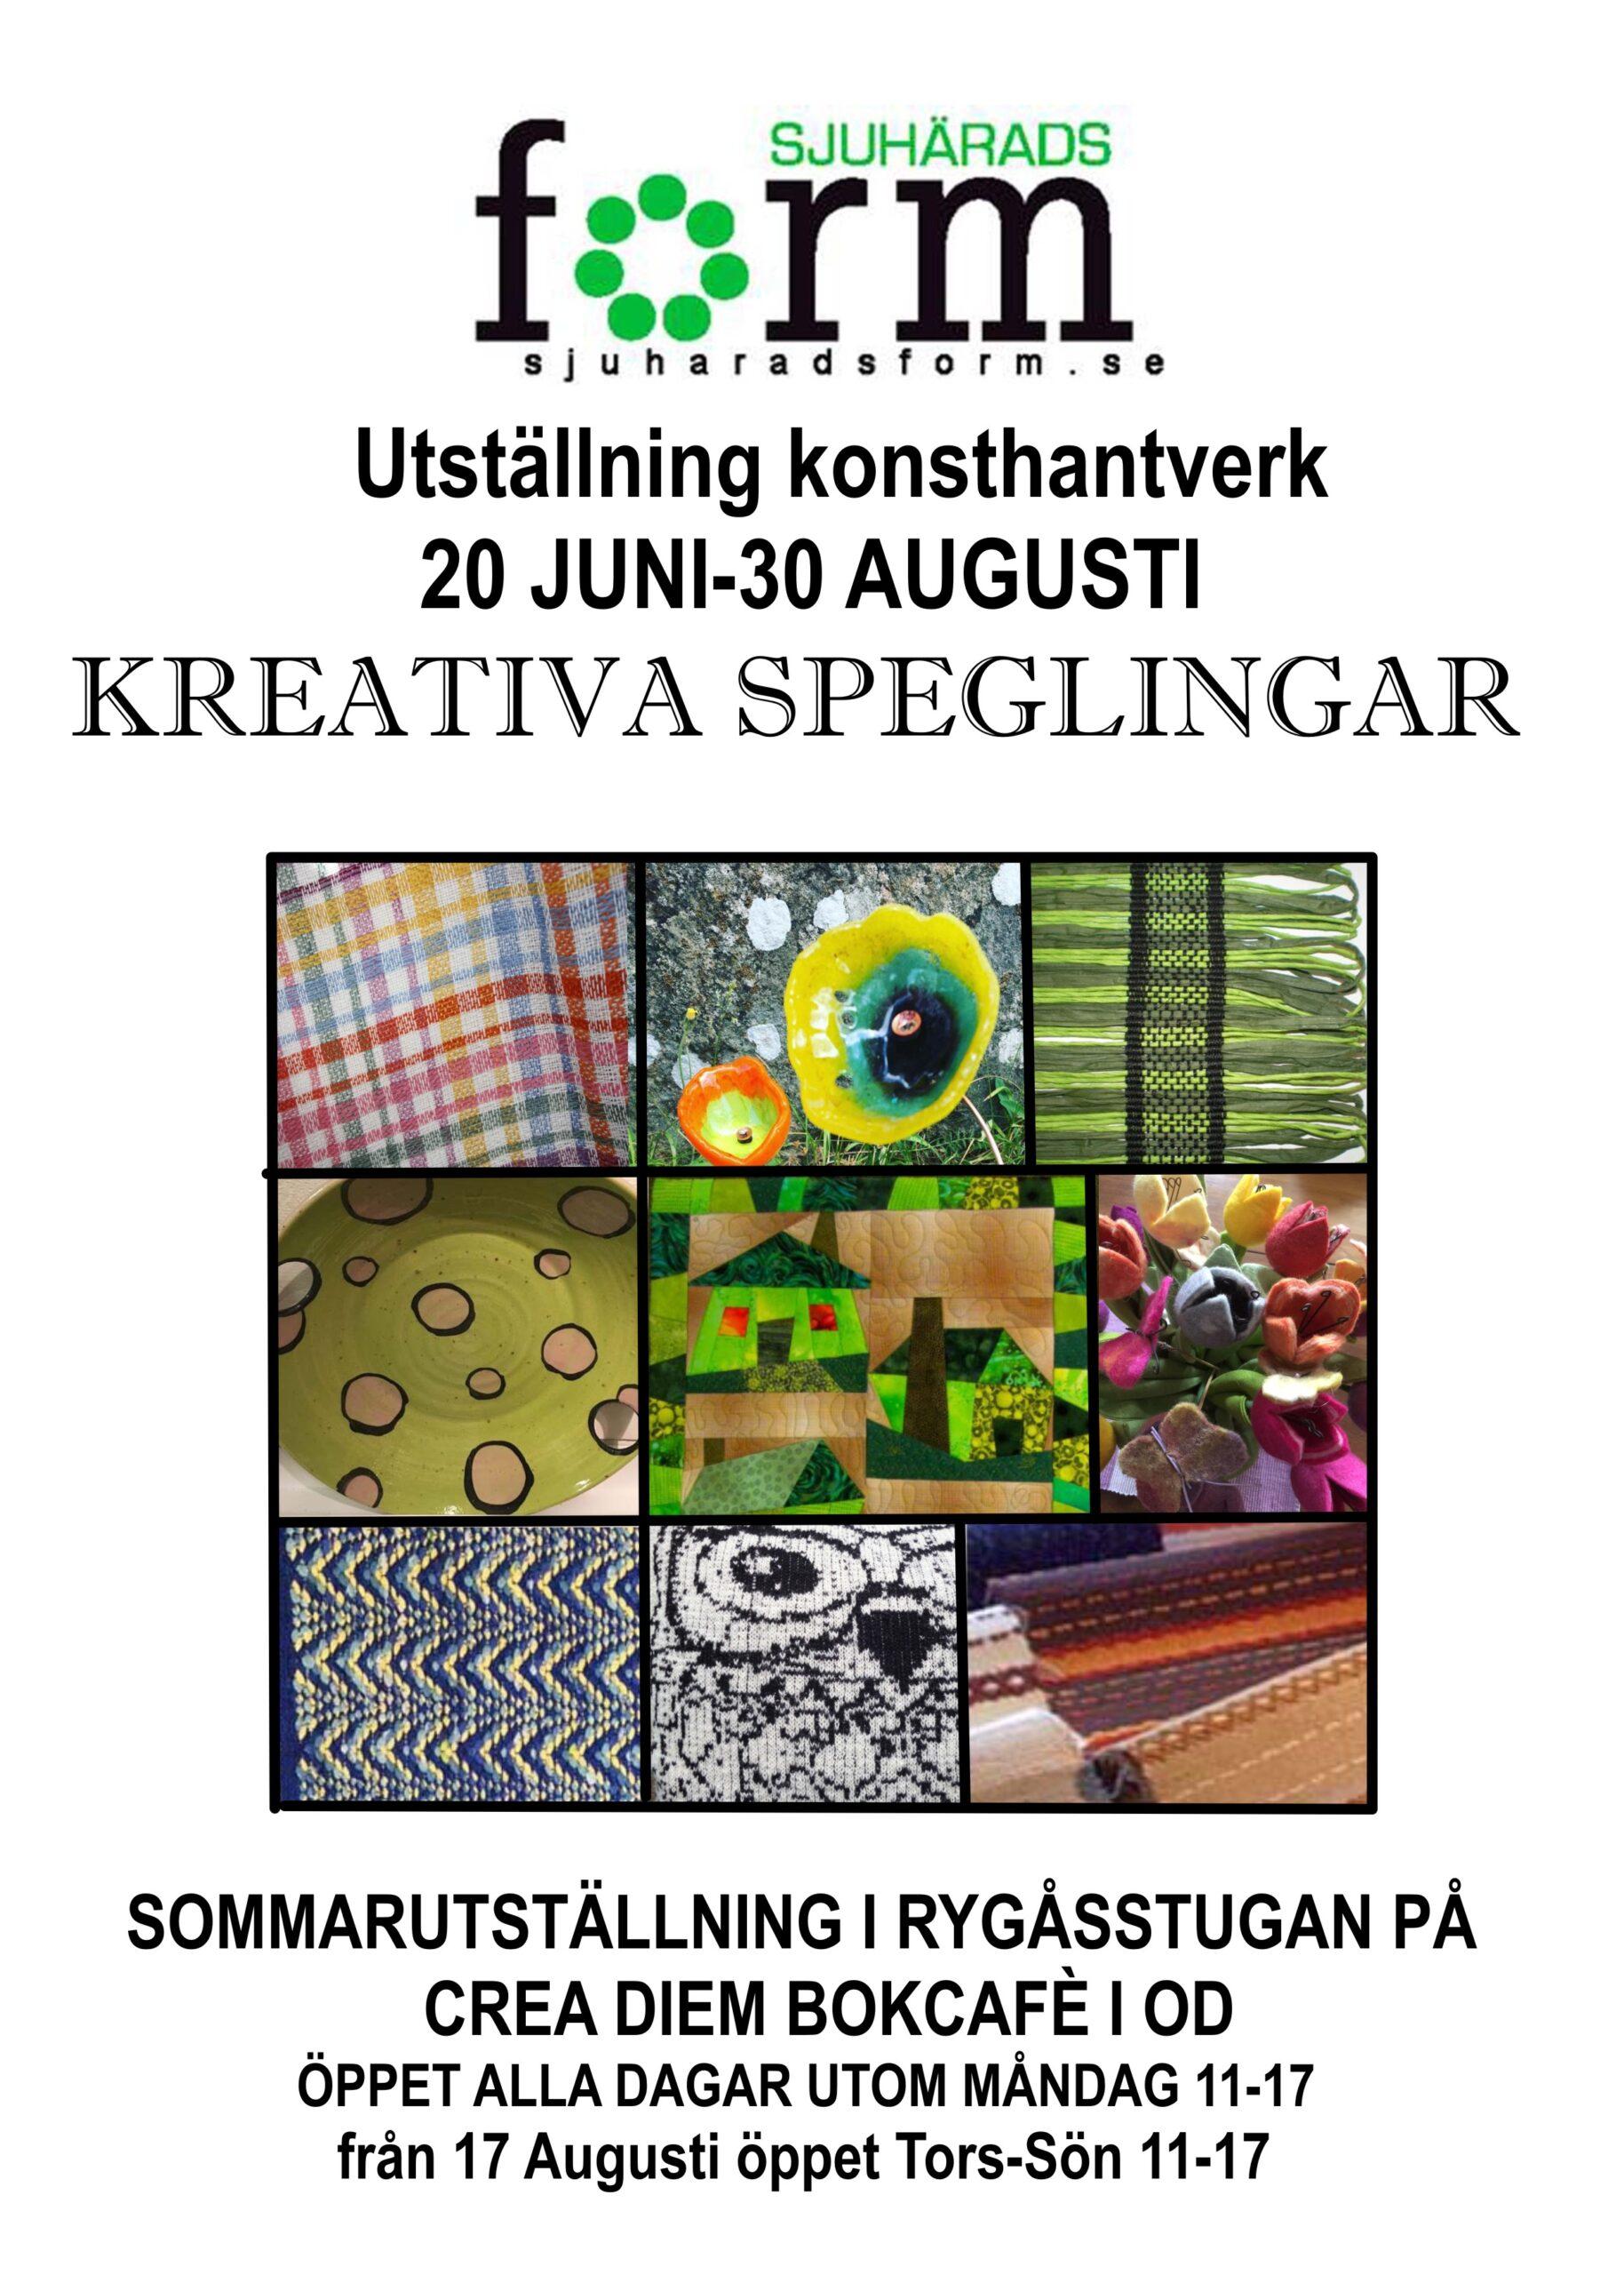 You are currently viewing Sommarutställning i Ryggåsstugan på Crea Diem Bokcafé i Od